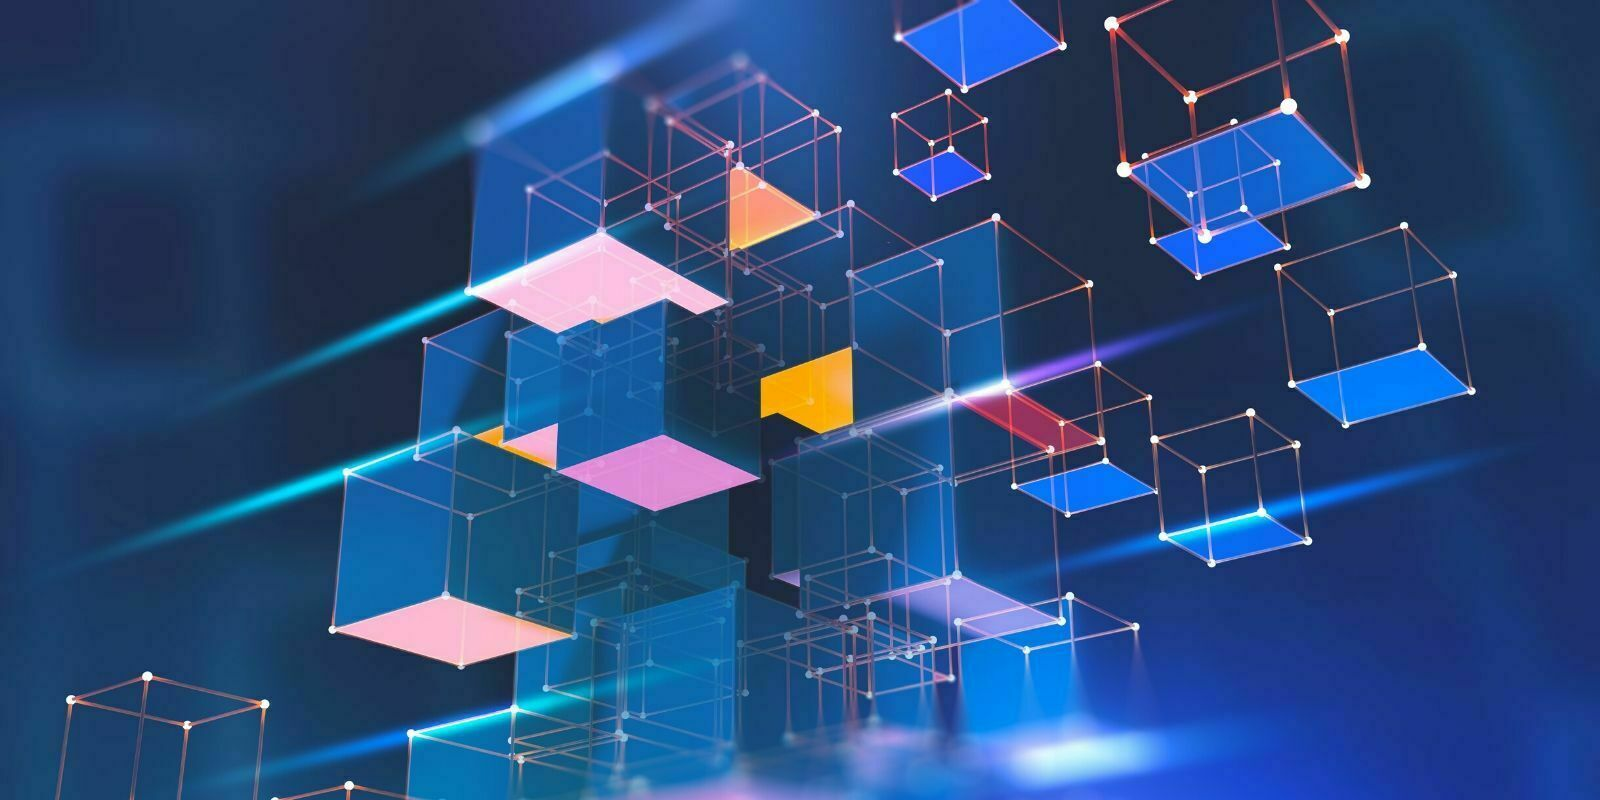 L'avenir des blockchains est interconnecté d'après Andreas Antonopoulos